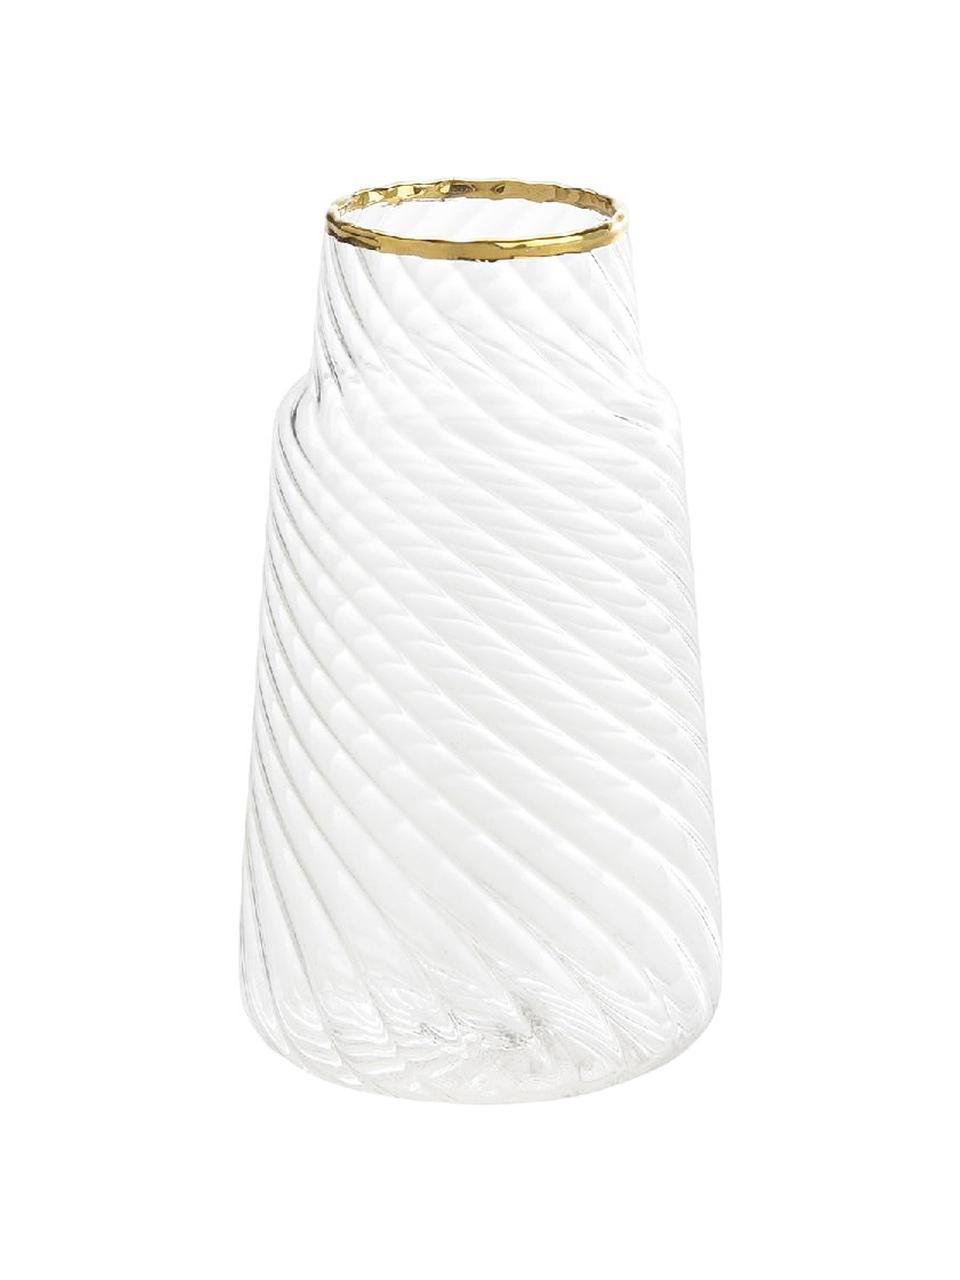 Vaso in vetro Plunn, Vetro, Trasparente, dorato, Ø 6 x Alt. 11 cm